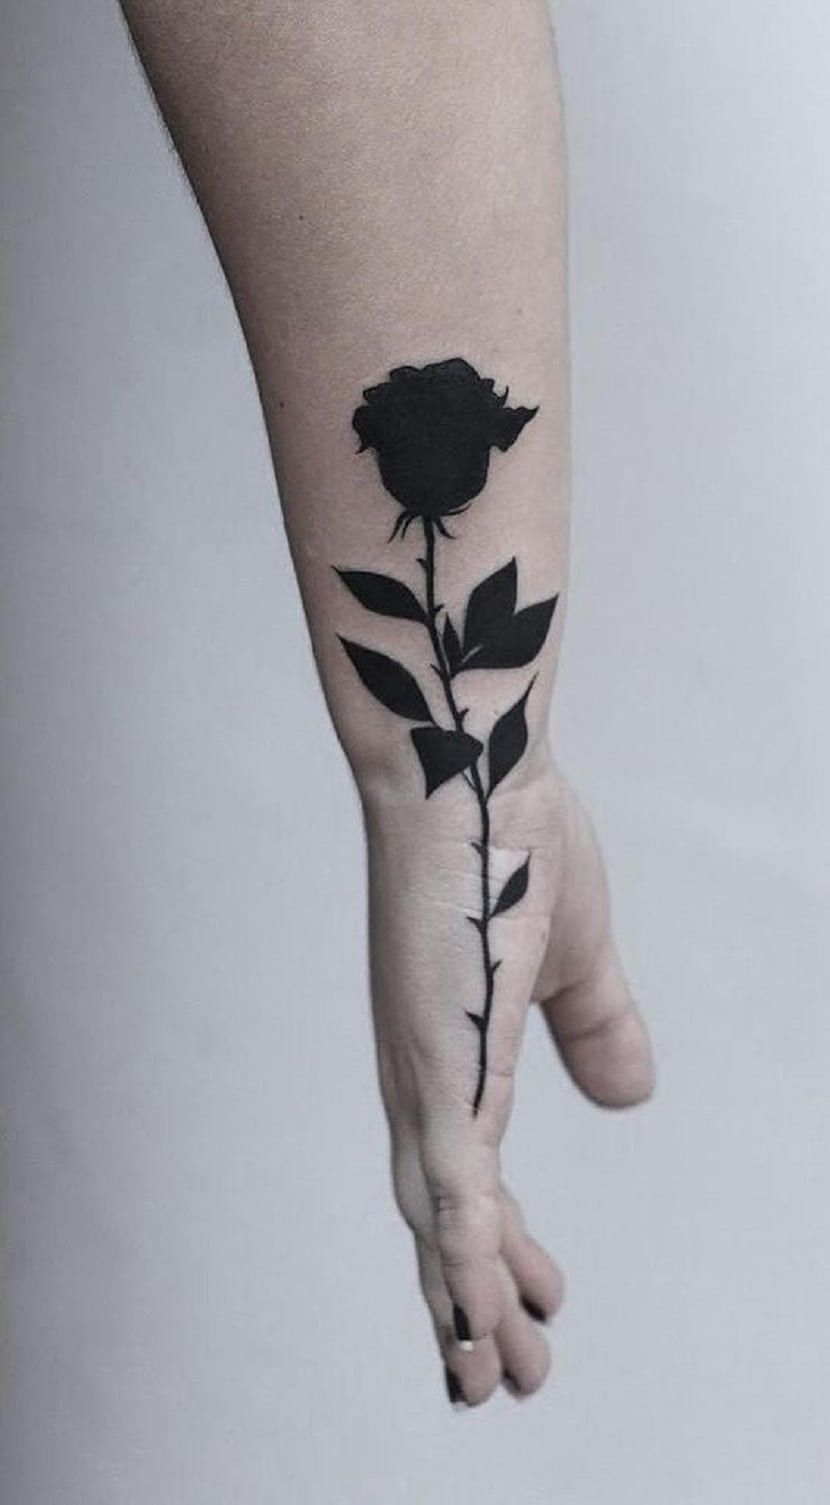 Tatuajes de rosas negras: significado y recopilación de diseños